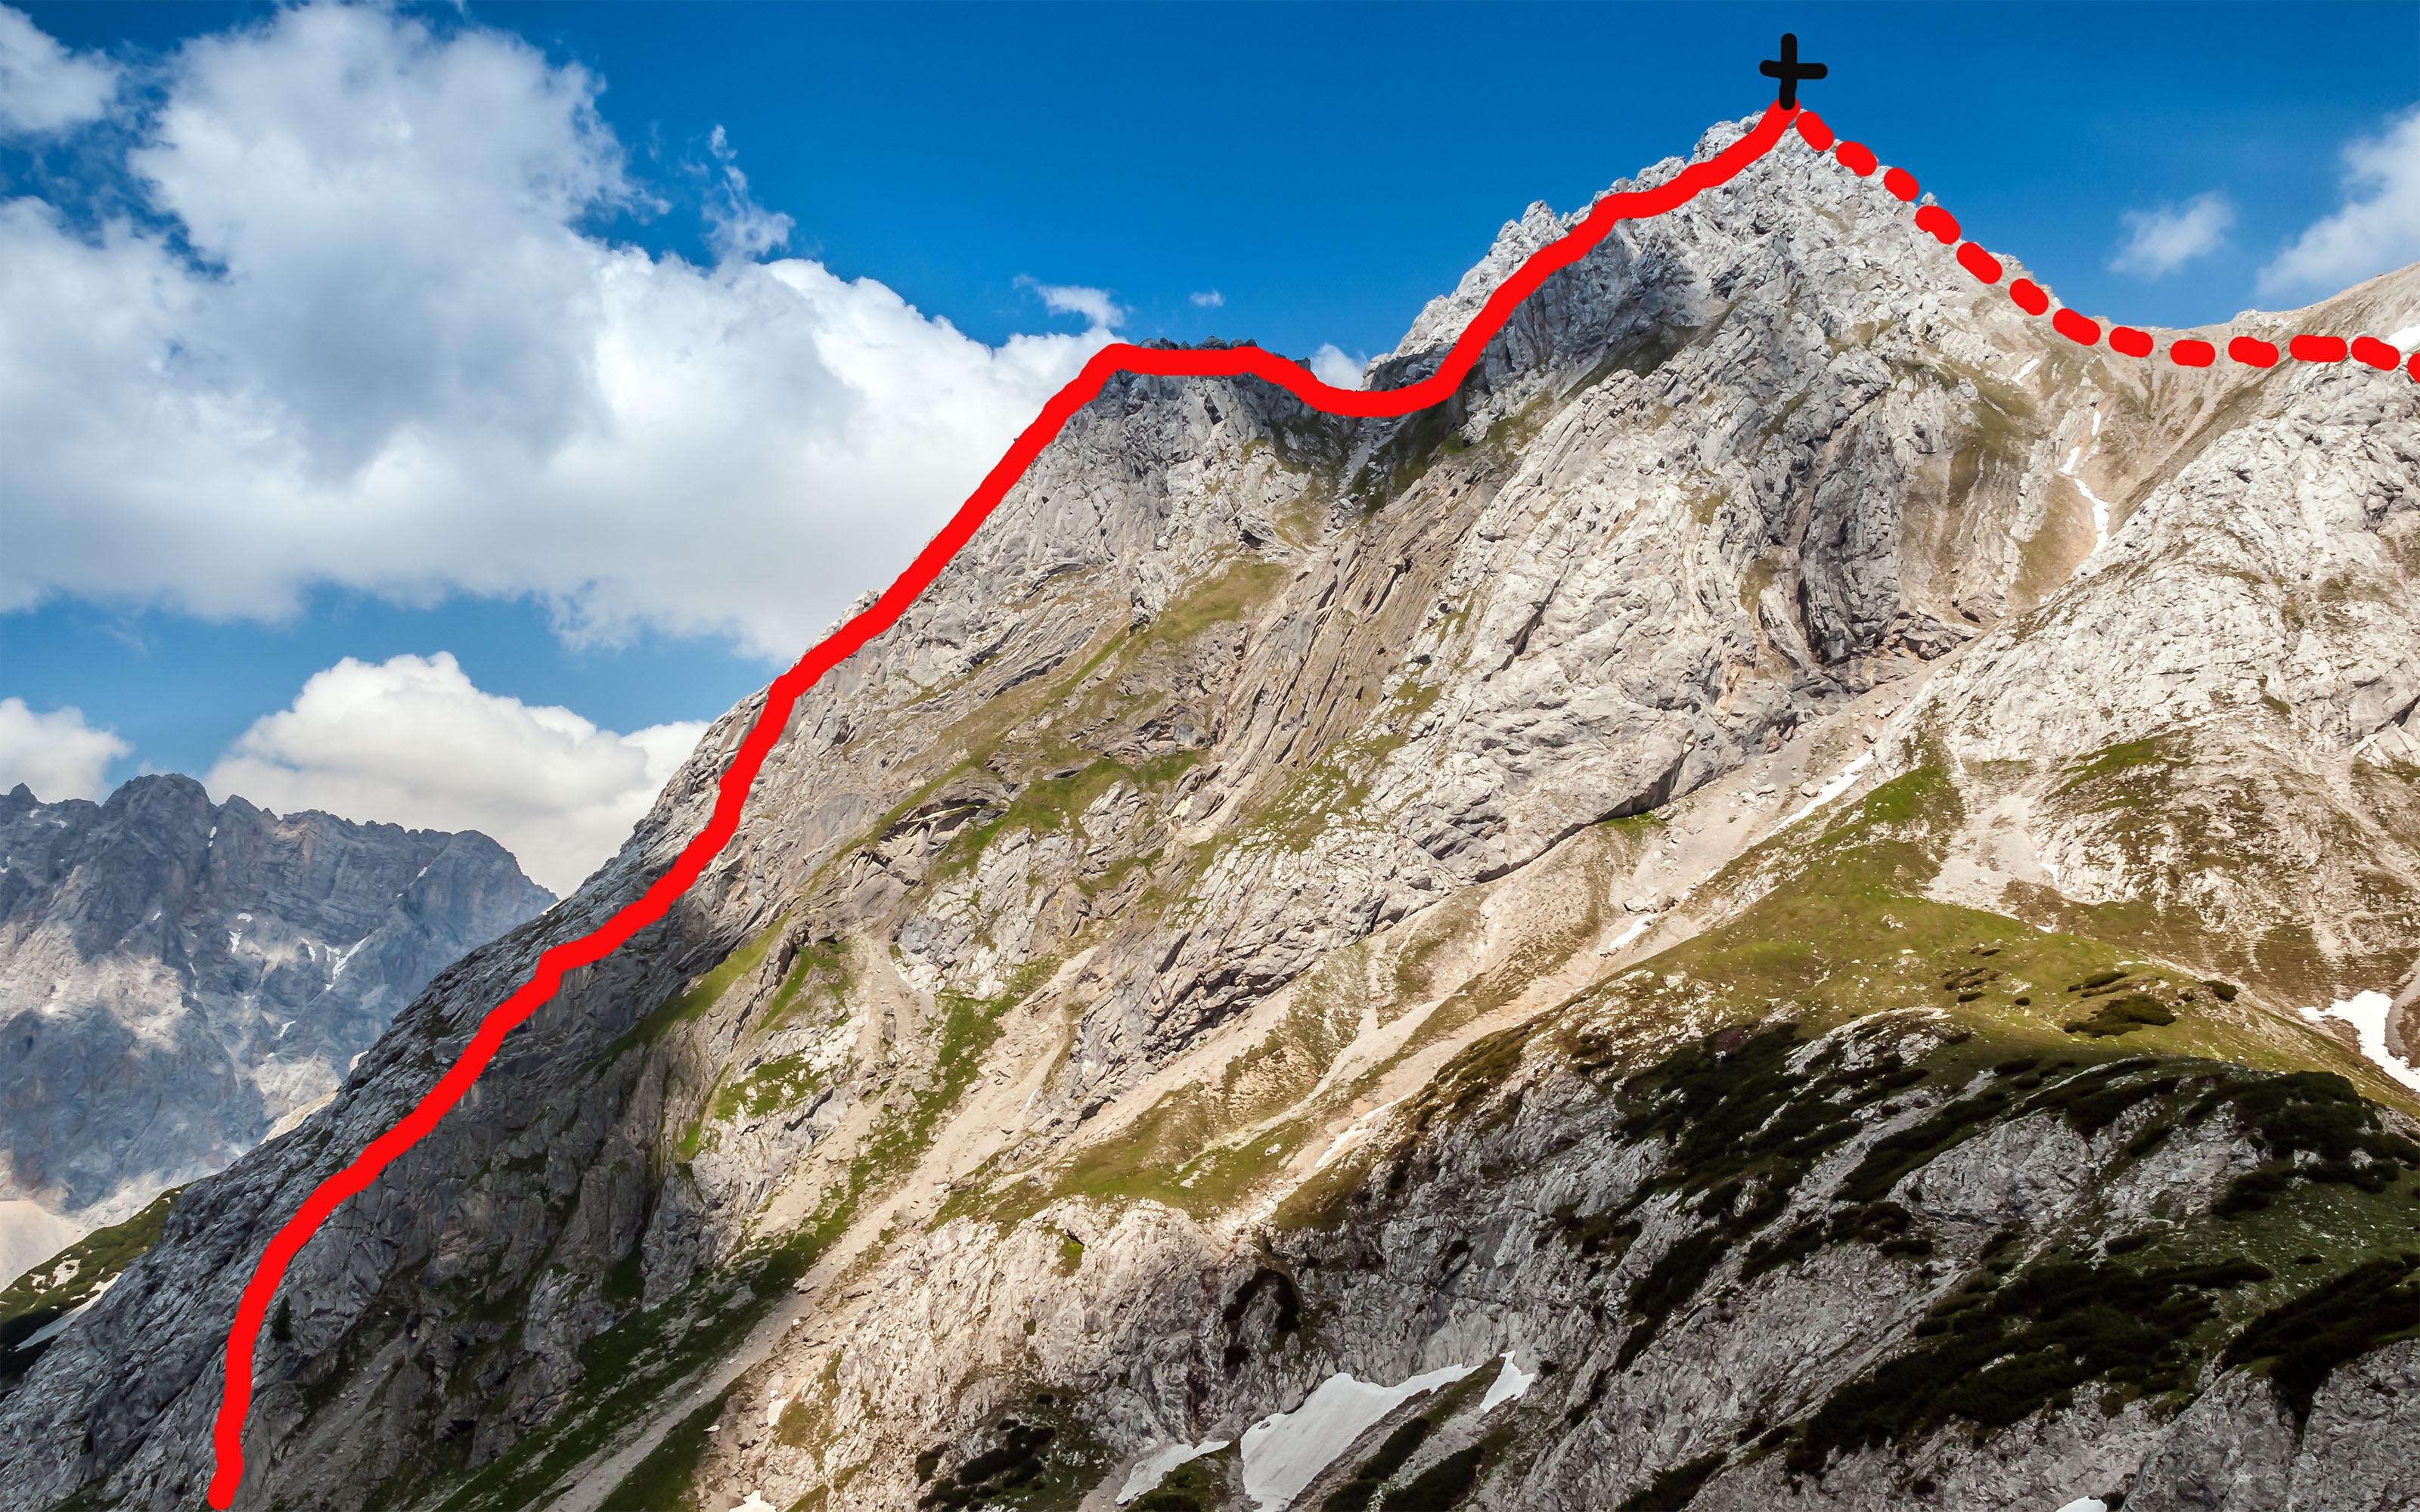 Klettersteig Ehrwald : Seeben klettersteig wgm picture